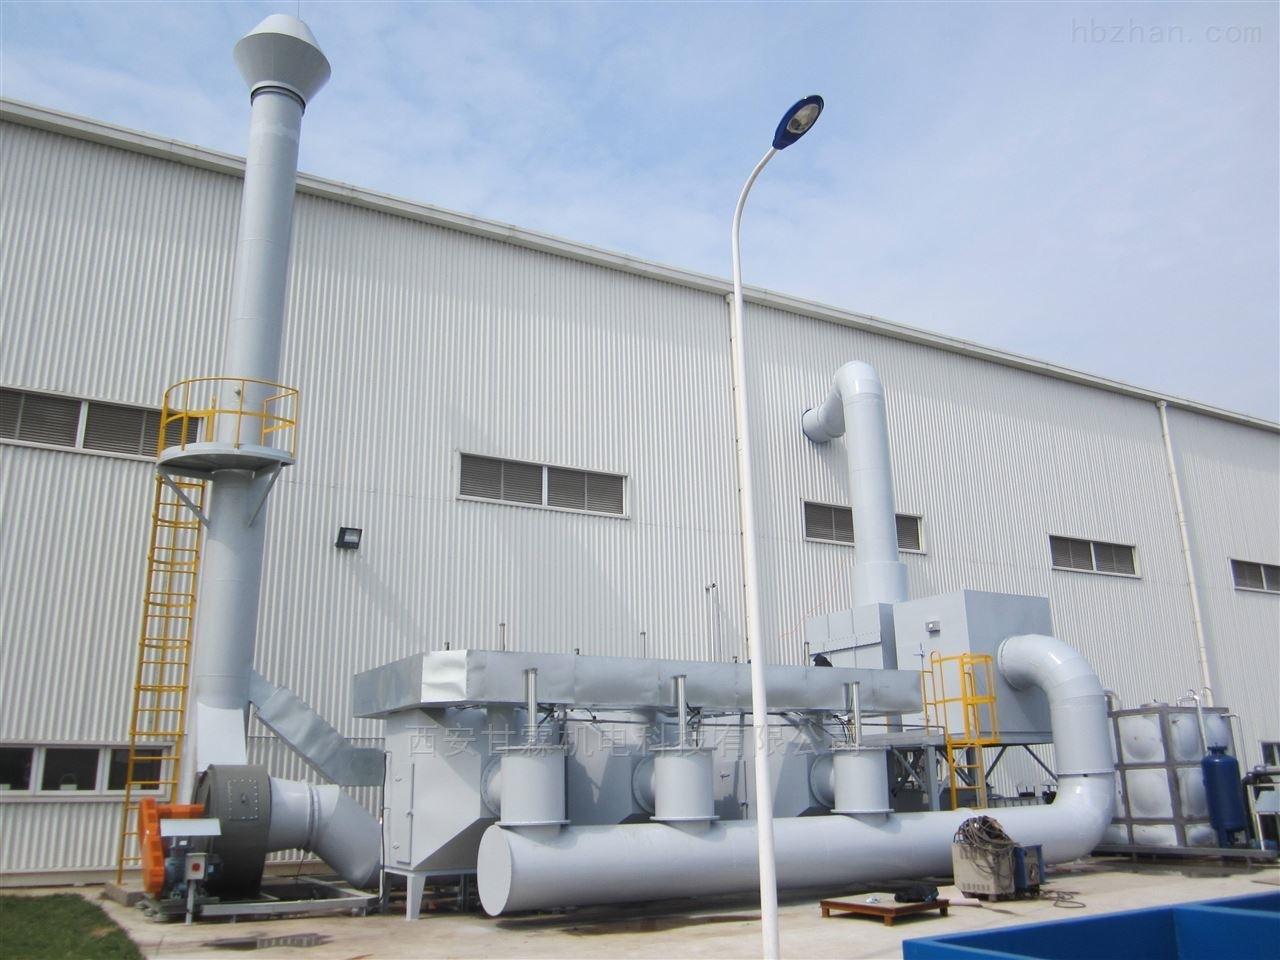 蓄热催化废气处理设备型号